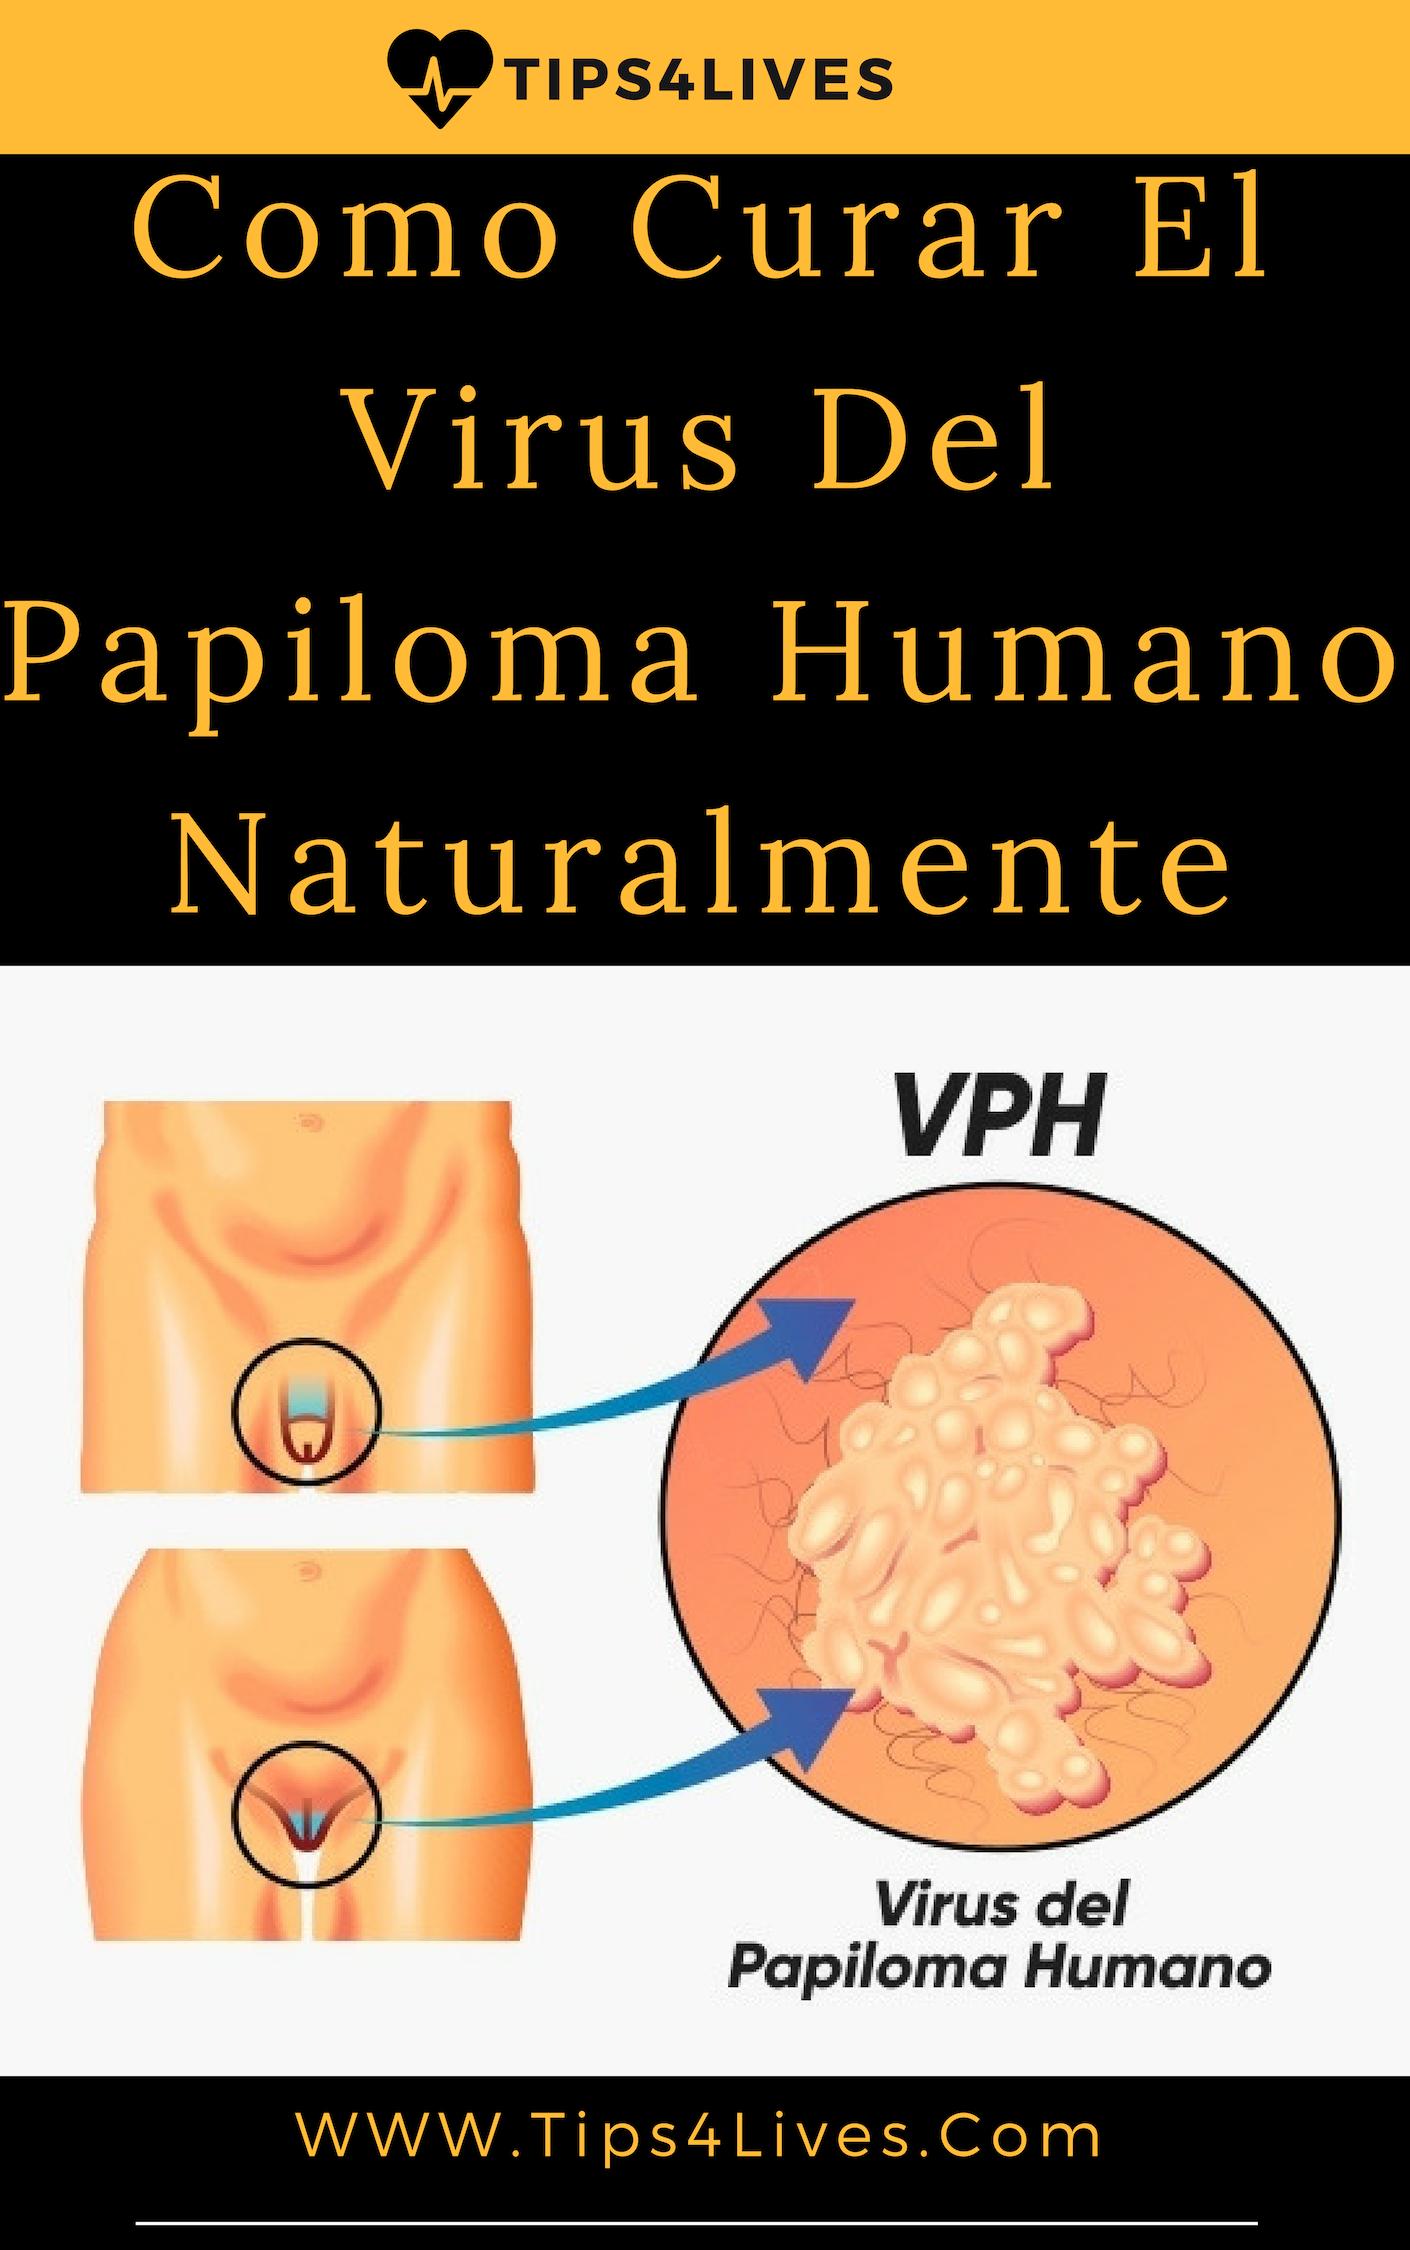 human papillomavirus type 16 ncbi virus papiloma humano sintomas cura